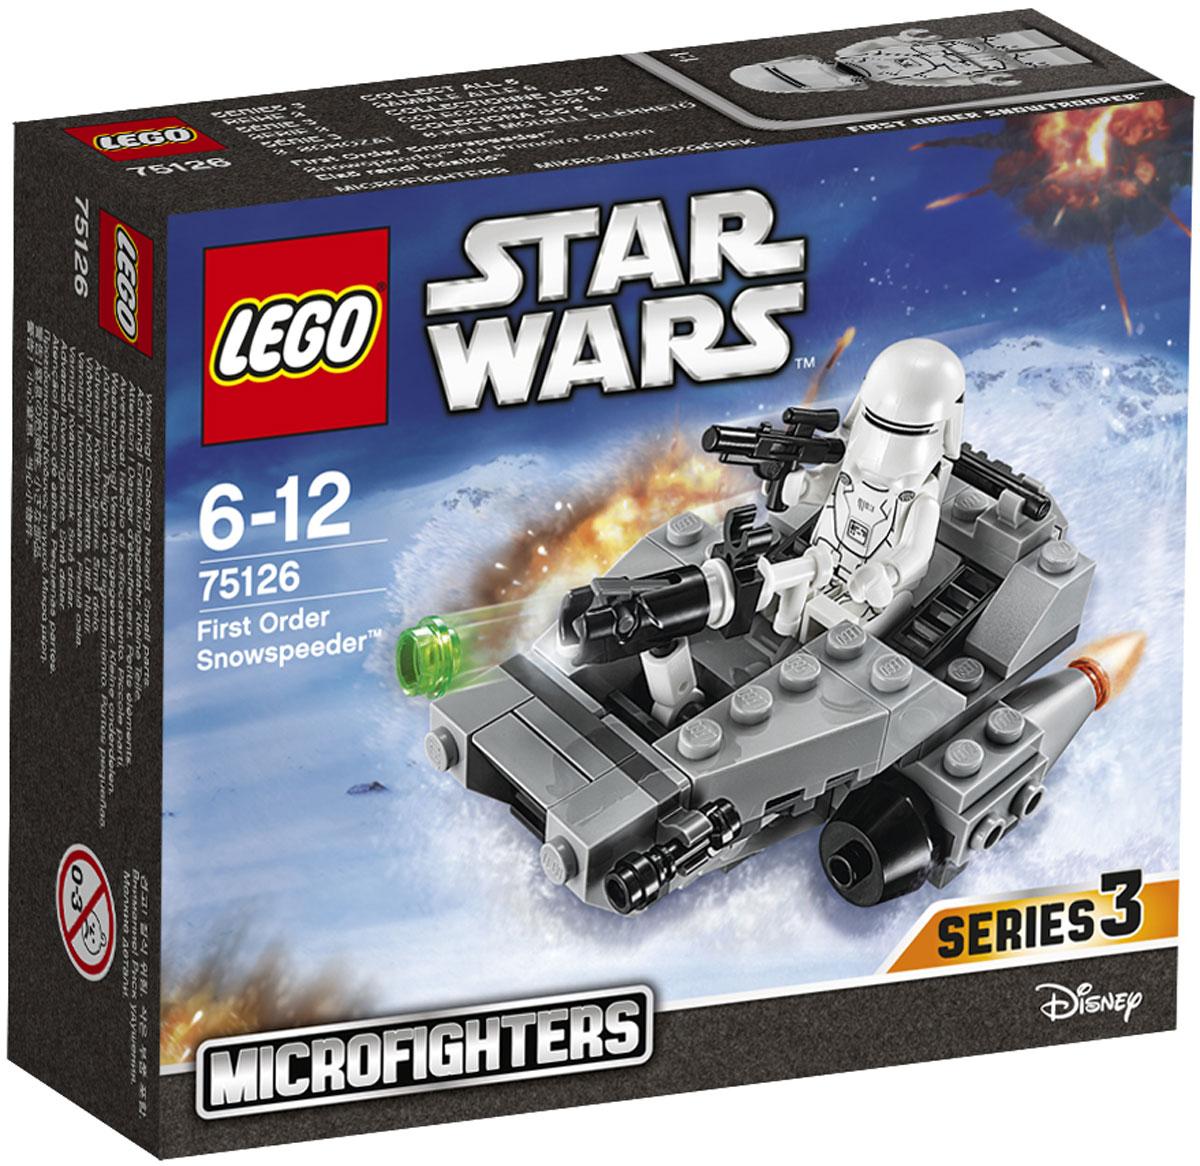 LEGO Star Wars Конструктор Снежный спидер Первого Ордена 7512675126Конструктор Lego Star Wars Снежный спидер Первого Ордена приведет в восторг любого поклонника знаменитой космической саги Звездные войны. Конструктор содержит 91 пластиковый элемент, с помощью которых вы сможете собрать оригинальную боевую машину из вселенной Звездных войн. Вступай на территорию Сопротивления на Снежном спидере Первого Ордена. Посади Снежного штурмовика Первого Ордена в кабину, запусти двигатели и приготовься стрелять из пушки. Этот быстрый микрофайтер готов к битве! Все элементы набора выполнены из прочного безопасного пластика. Снежный спидер стреляет небольшими снарядами, входящими в набор. Игры с конструкторами помогут ребенку развить воображение, внимательность, пространственное мышление и творческие способности. Такой конструктор надолго займет внимание малыша и непременно станет его любимой игрушкой.